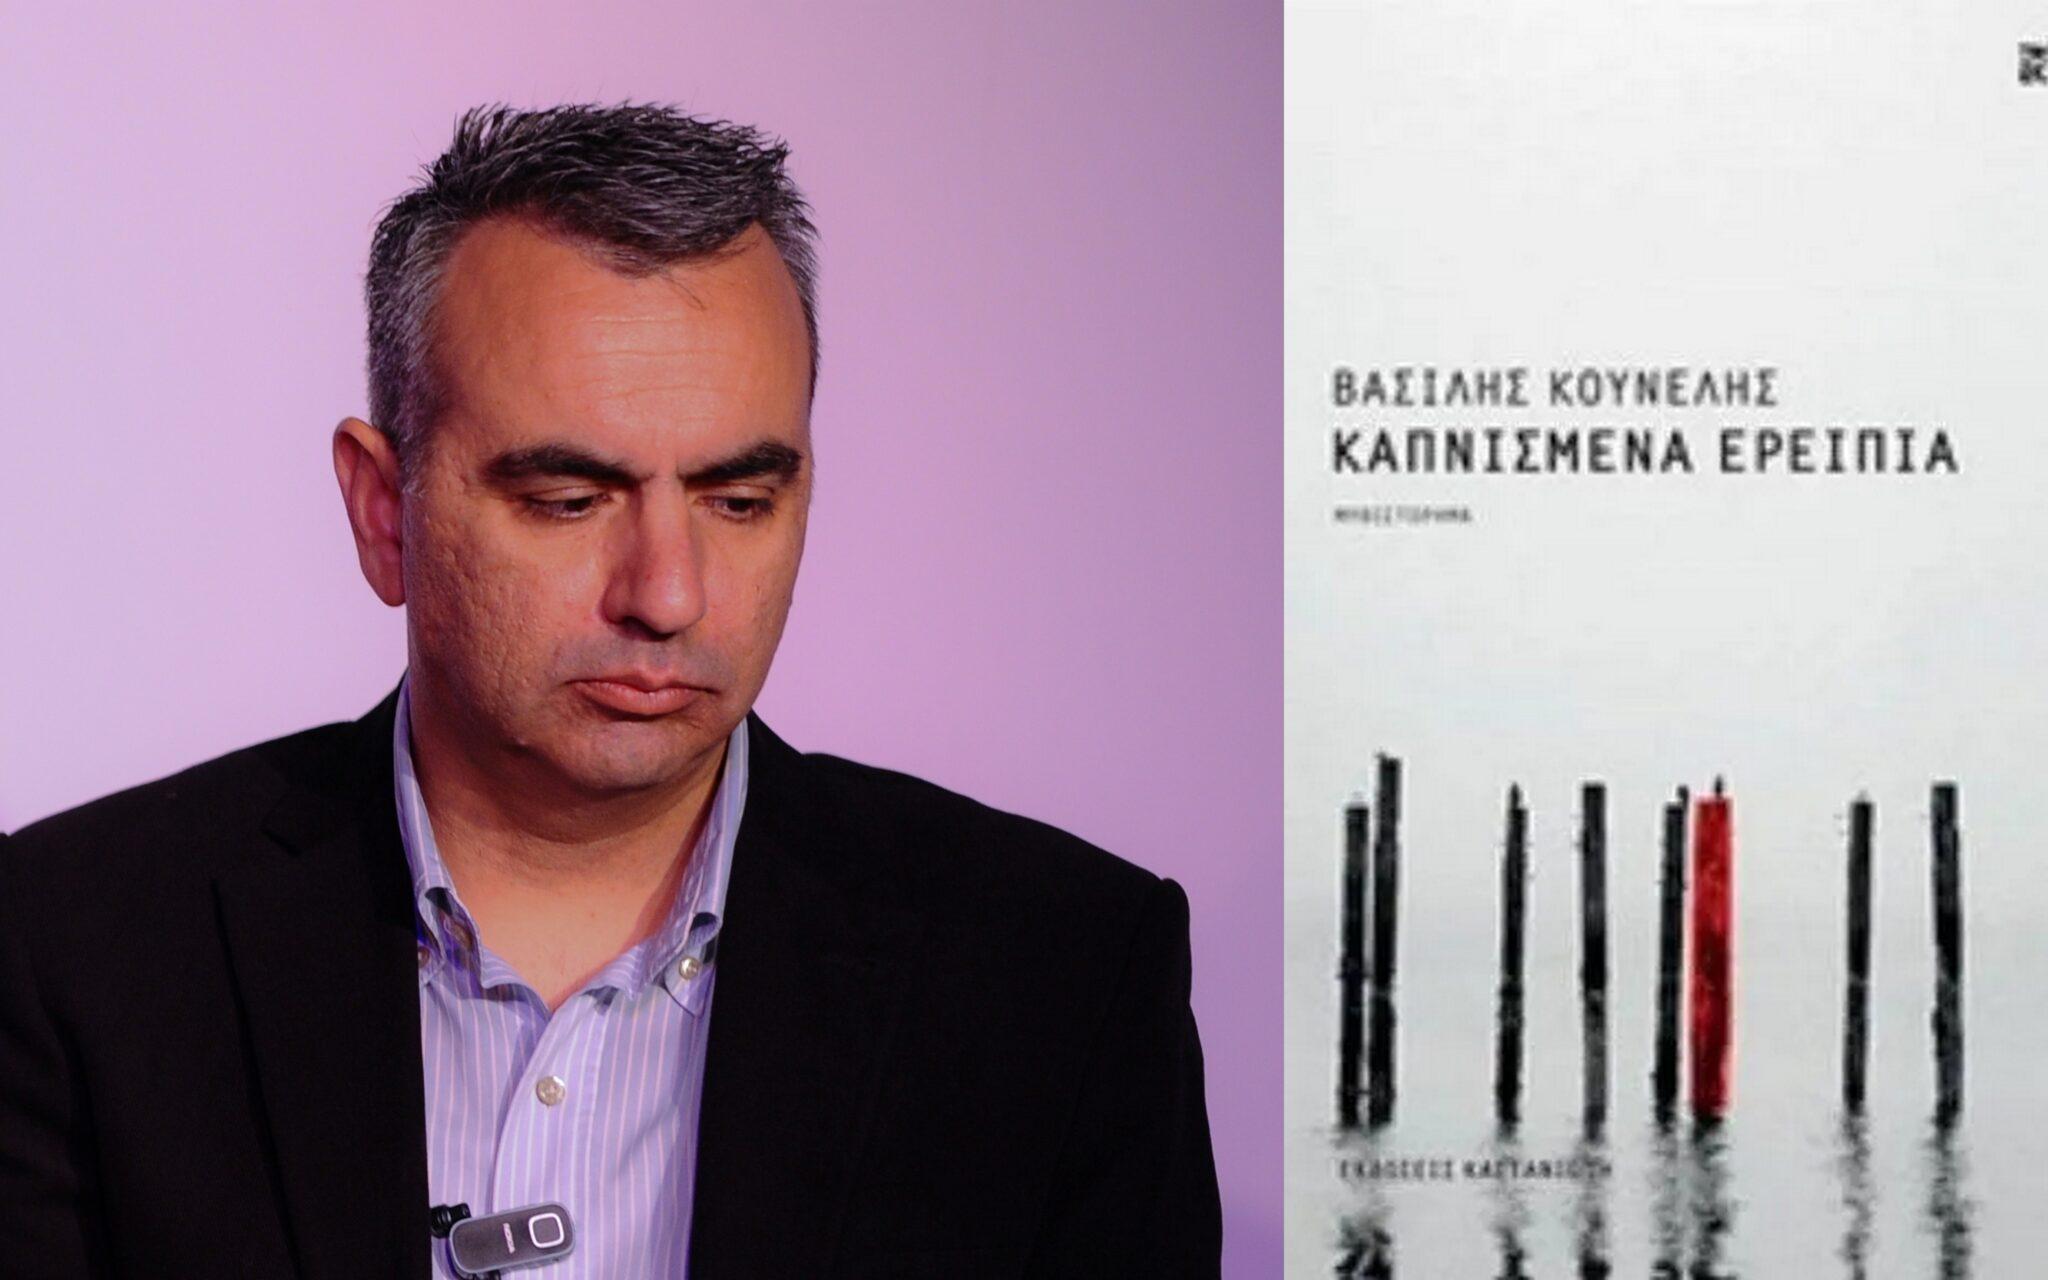 """Βιβλίο: """"ΚΑΠΝΙΣΜΕΝΑ ΕΡΕΙΠΙΑ"""" - Συγγραφέας: Κουνέλης Βασίλης"""